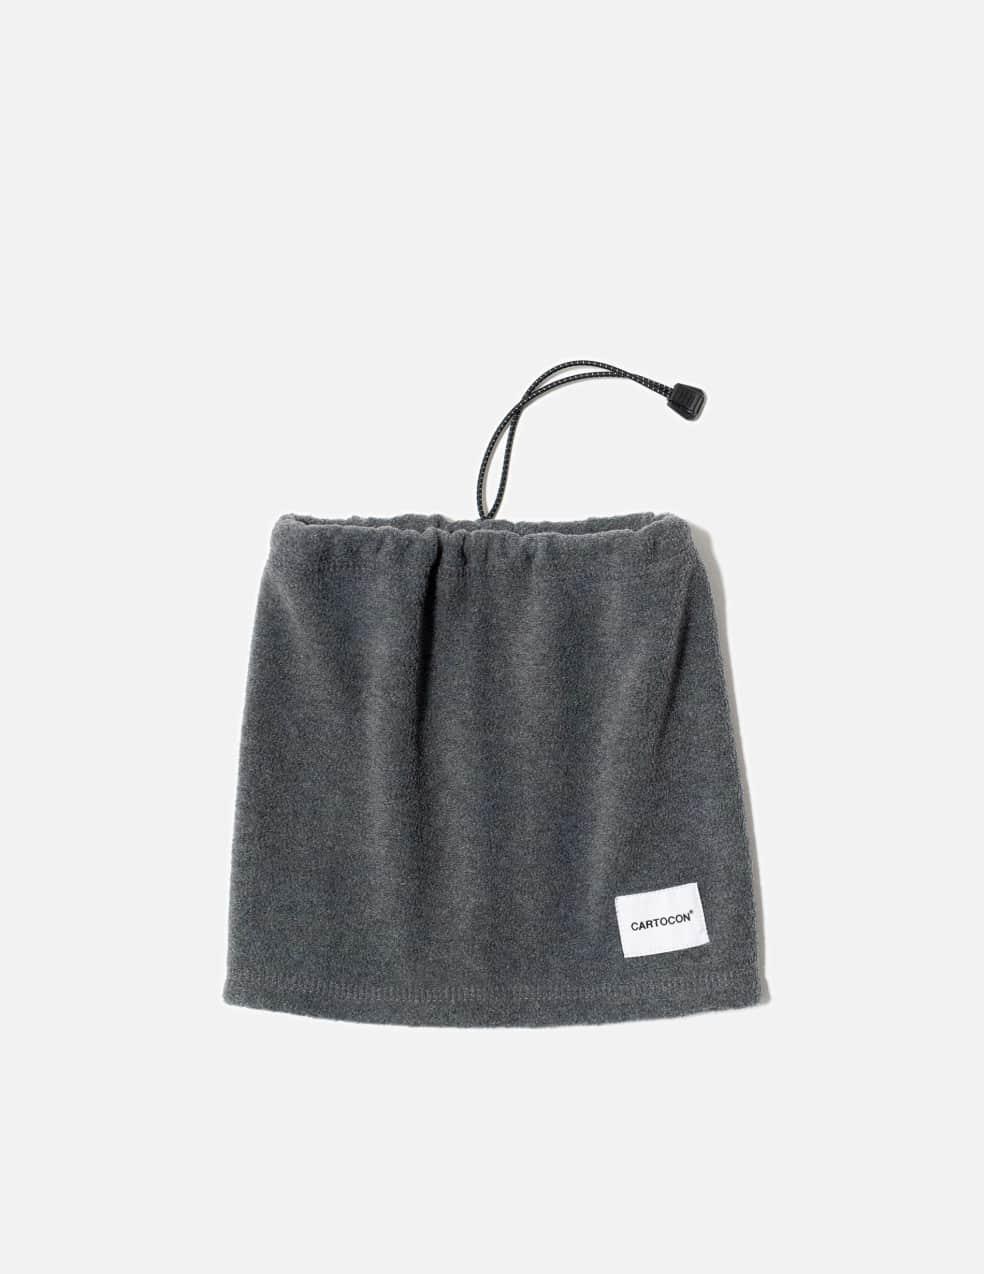 Cartocon Fleece Neckwarmer - Grey | Scarf by Cartocon 1